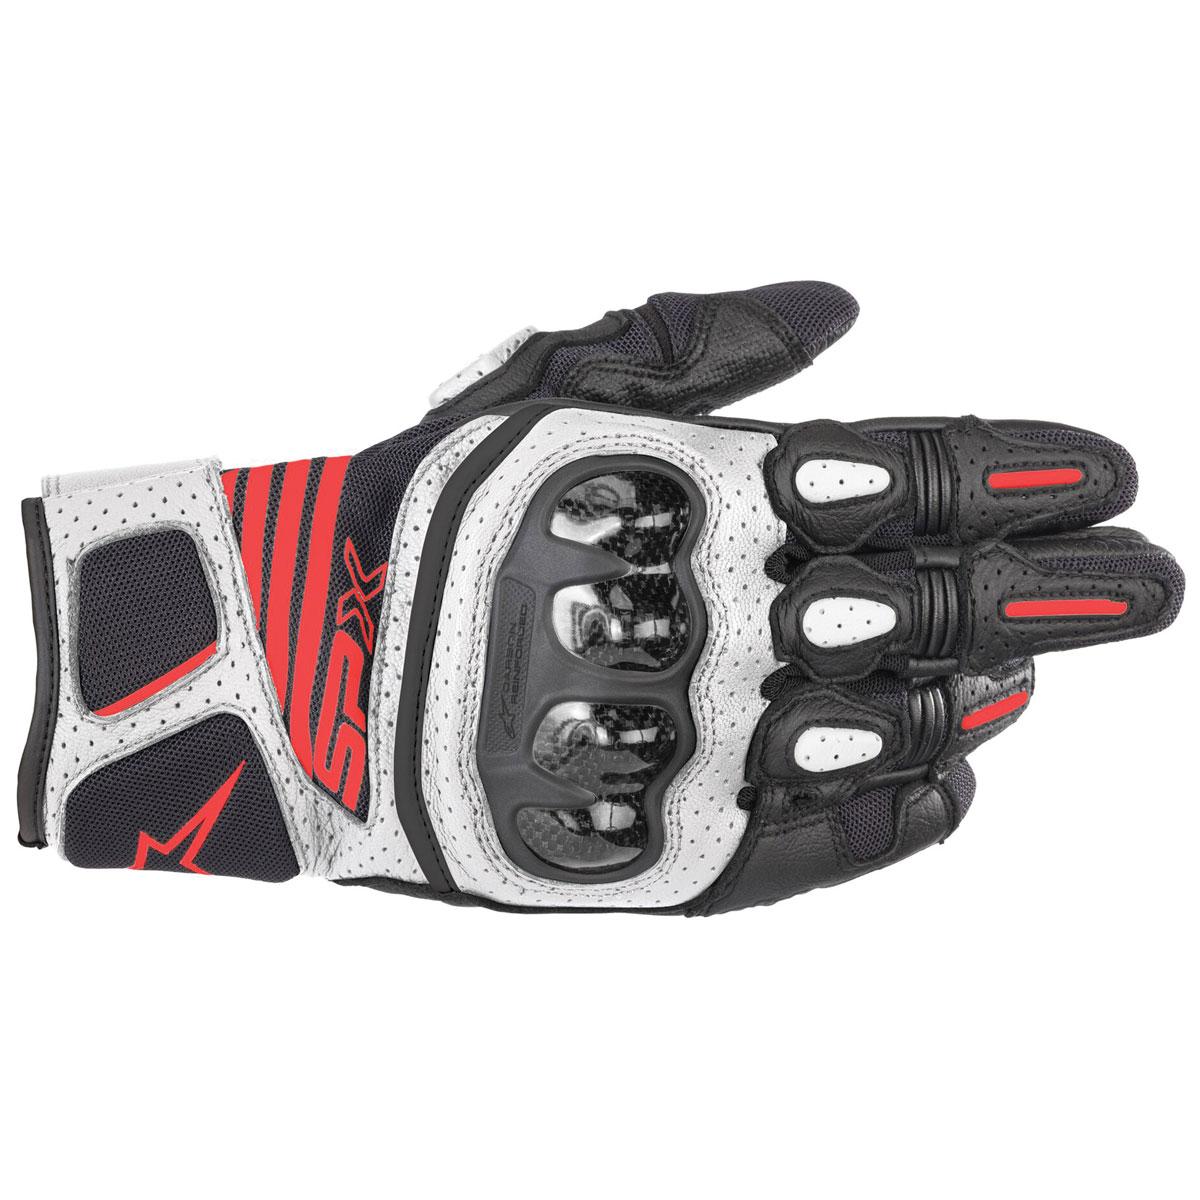 Alpinestars Men's SPX Air Carbon v2 Black/White/Bright Red Gloves